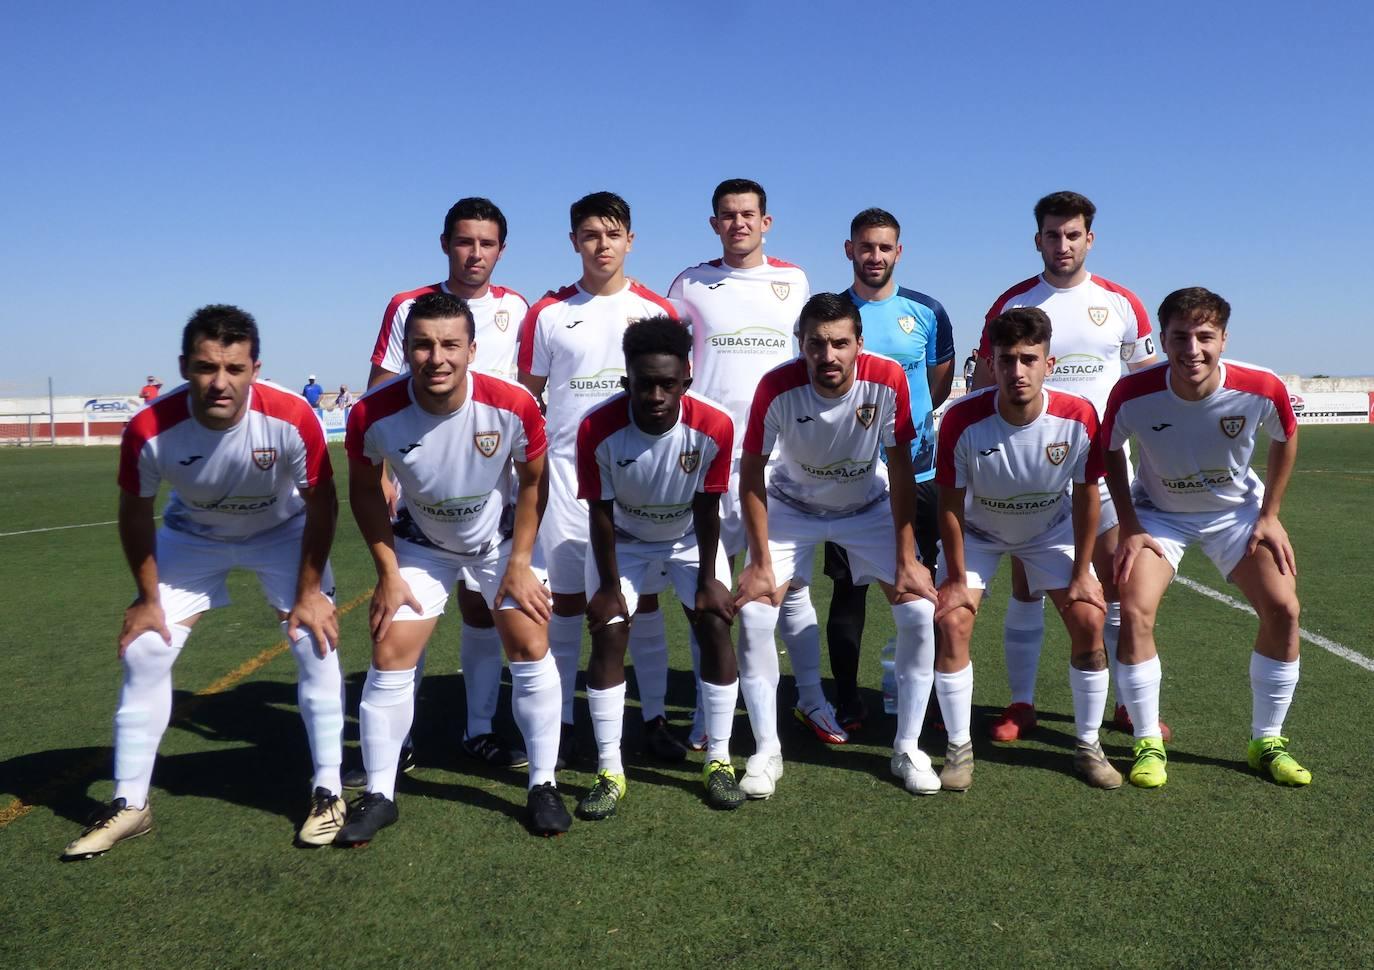 Los equipos del CD Castuera-Subastacar jugarán 4 partidos este fin de semana, todos ellos en el Manuel Ruiz